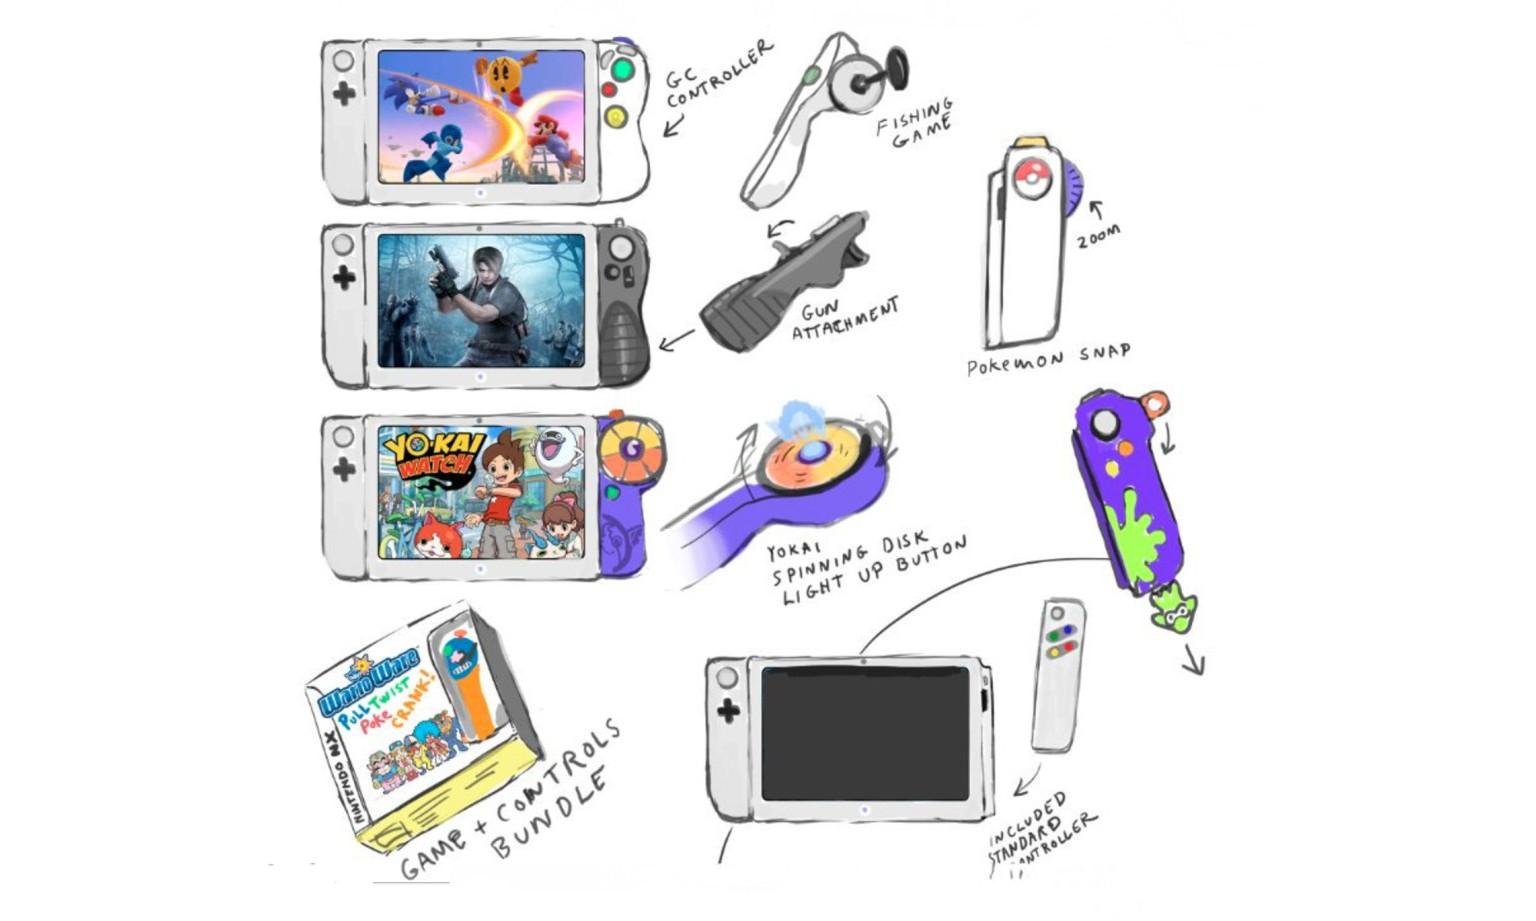 任天堂 Switch 还没发售,已经有人开始猜想它的相关配件了